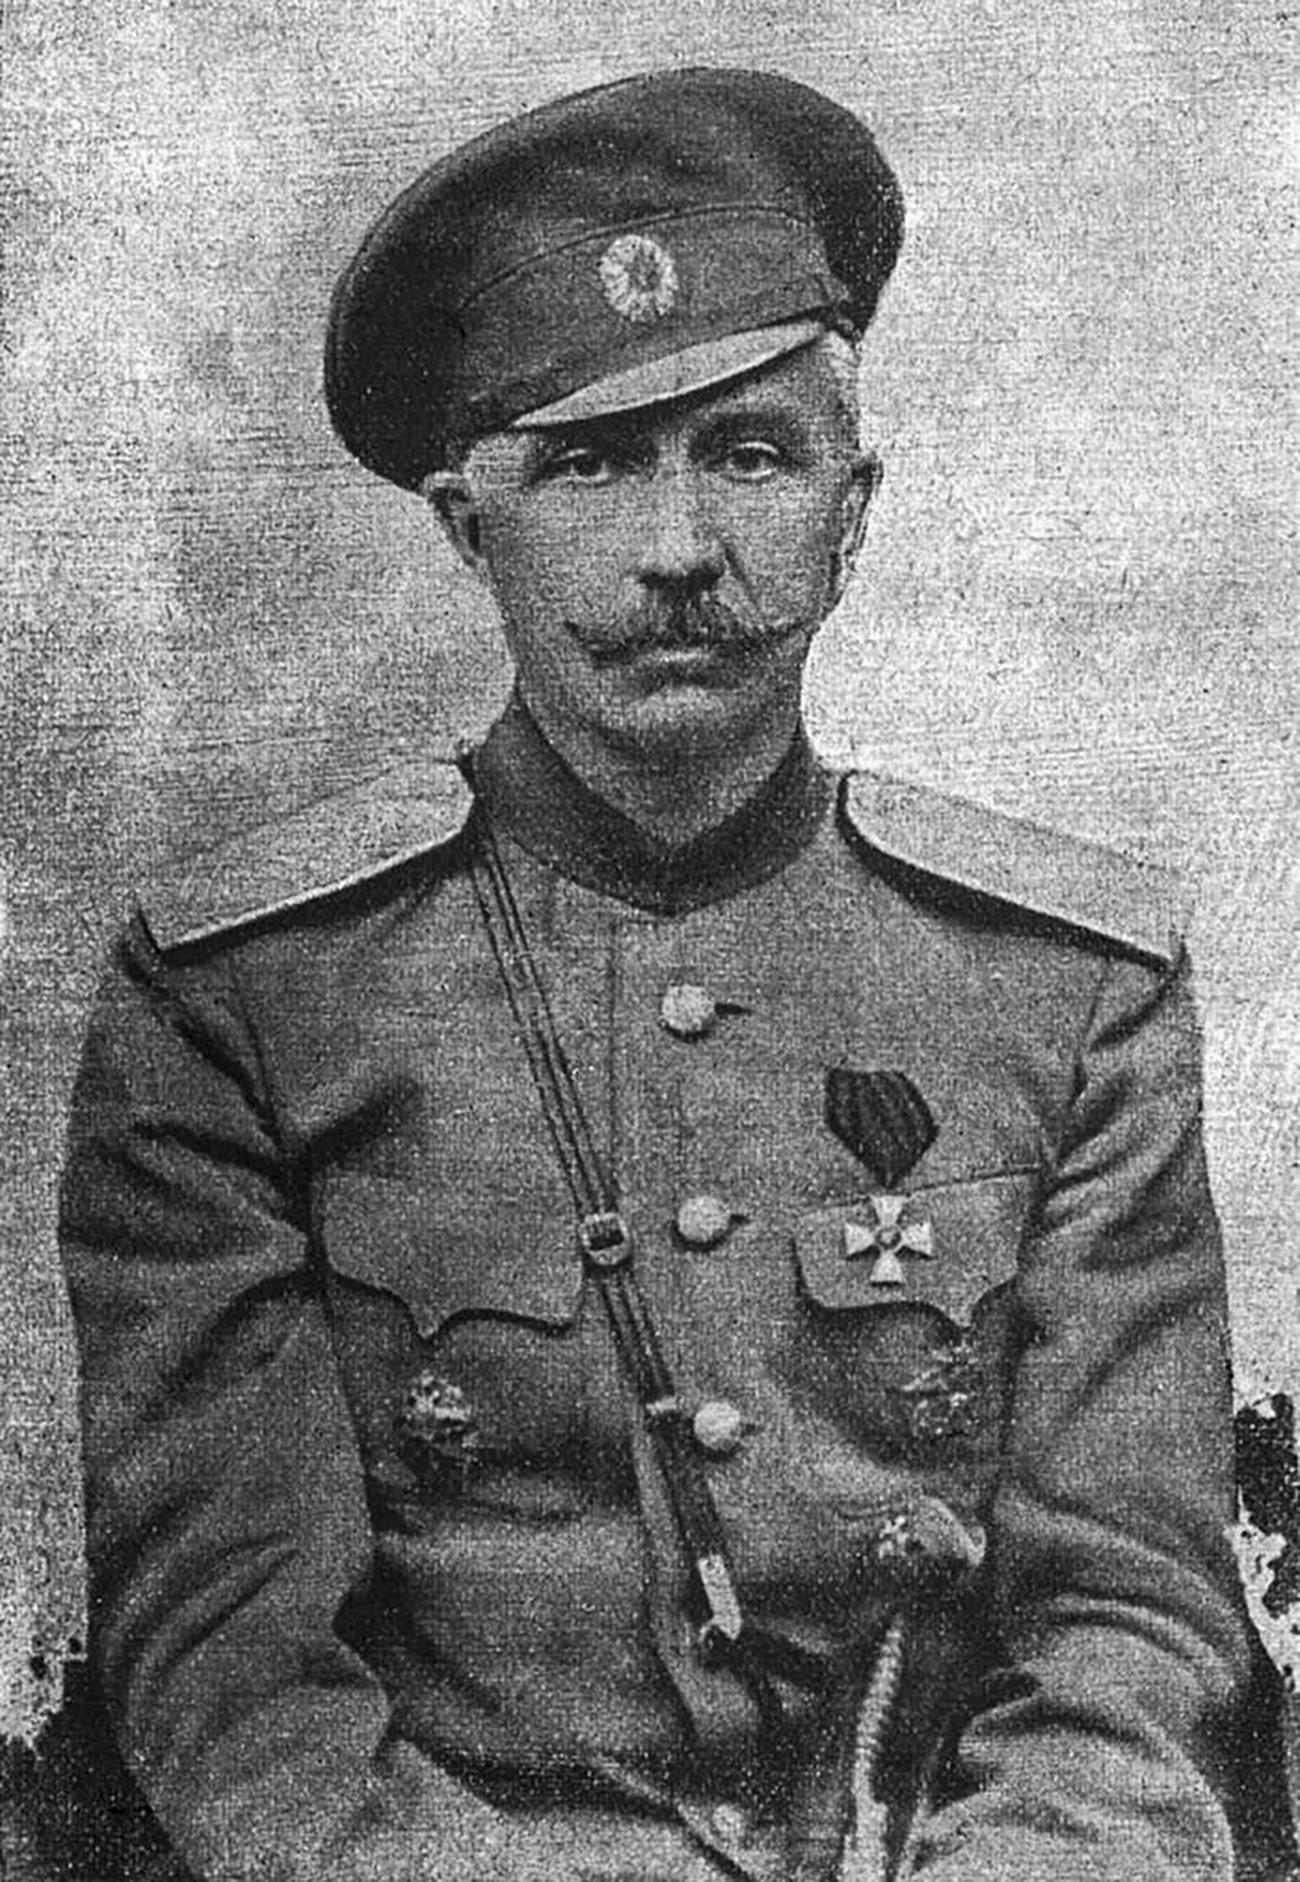 Пјотр Краснов, генерал-мајор на Руската императорска армија, атаман на Донската војска, политичар и публицист.